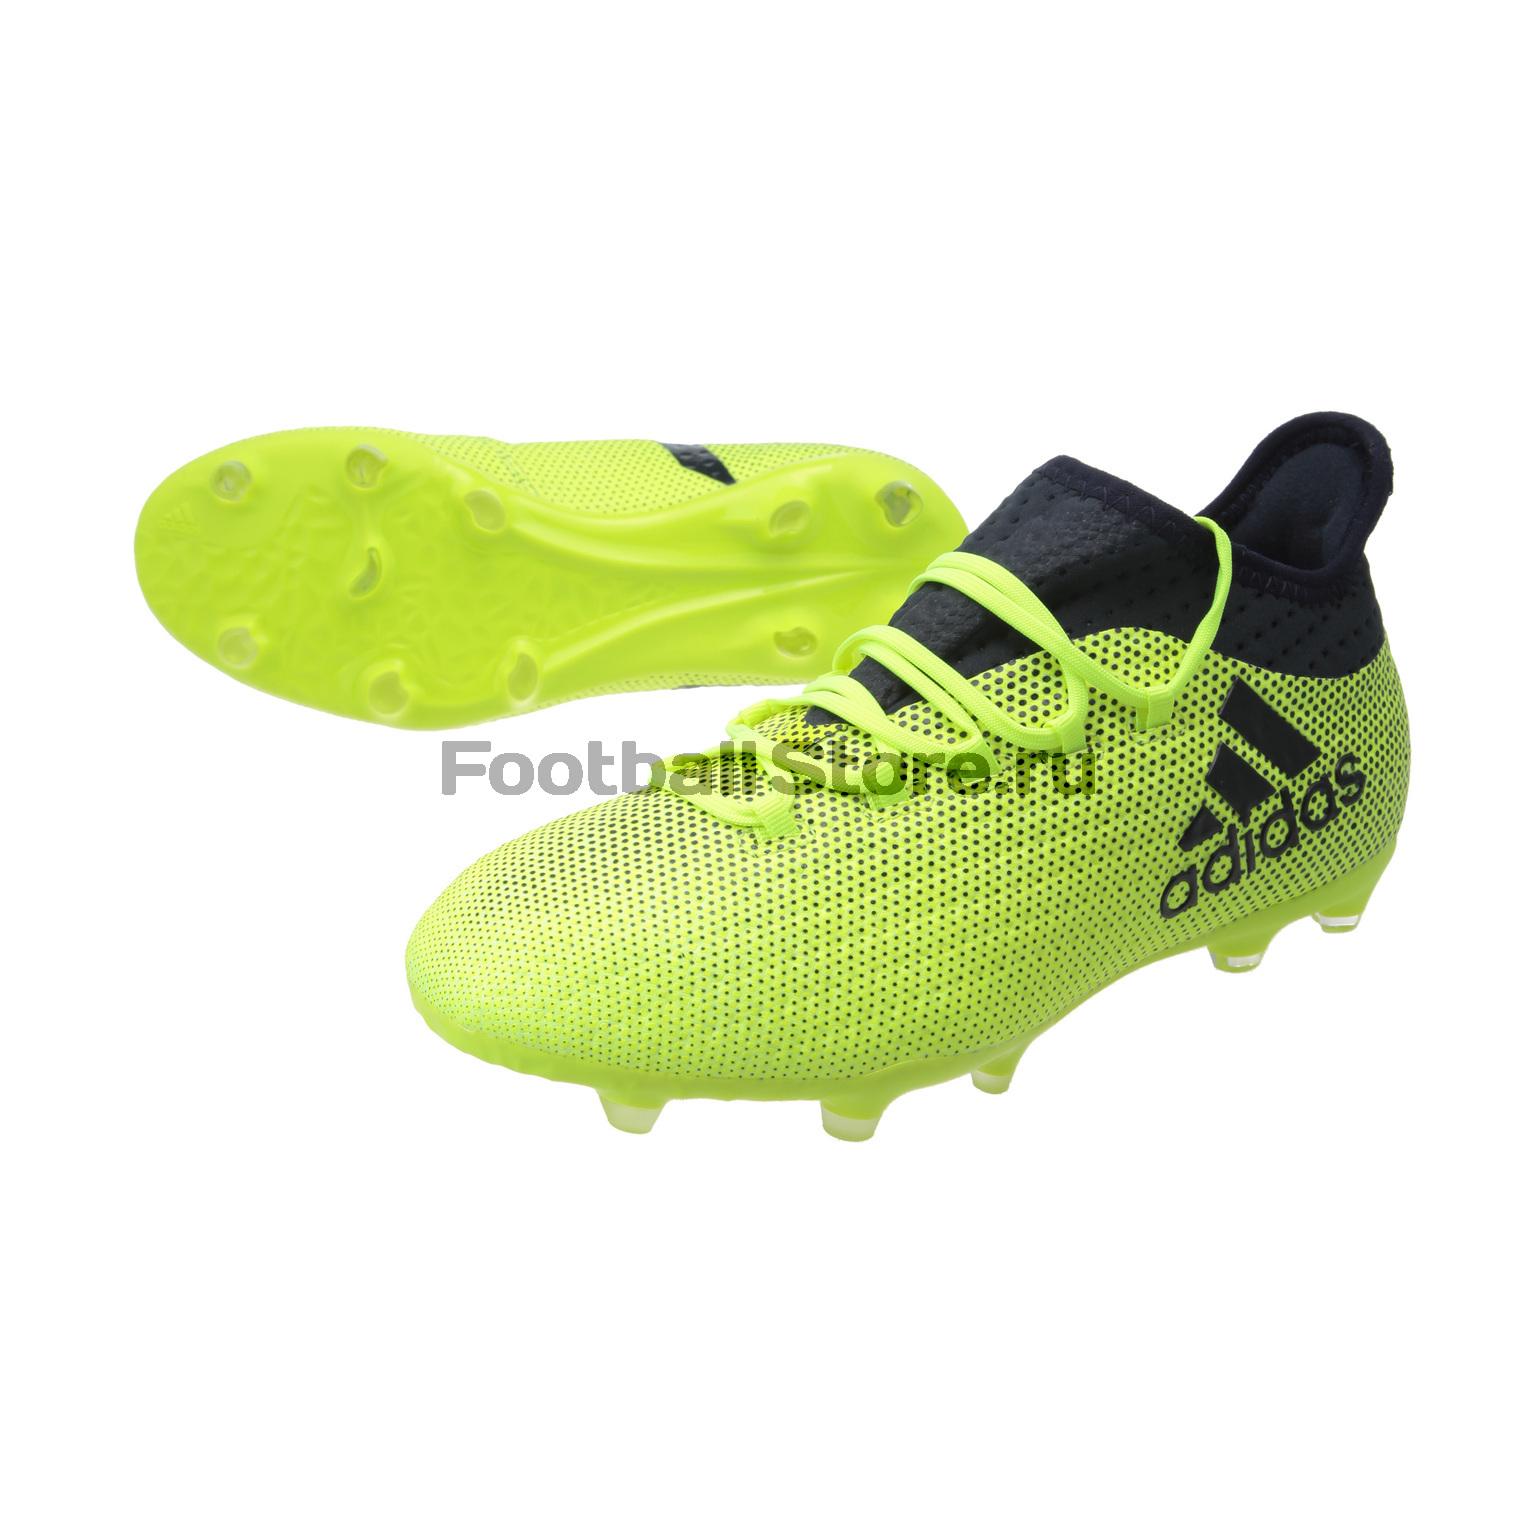 e4920d84 Детские Бутсы Adidas X 17.1 FG JR S82297 – купить в интернет ...